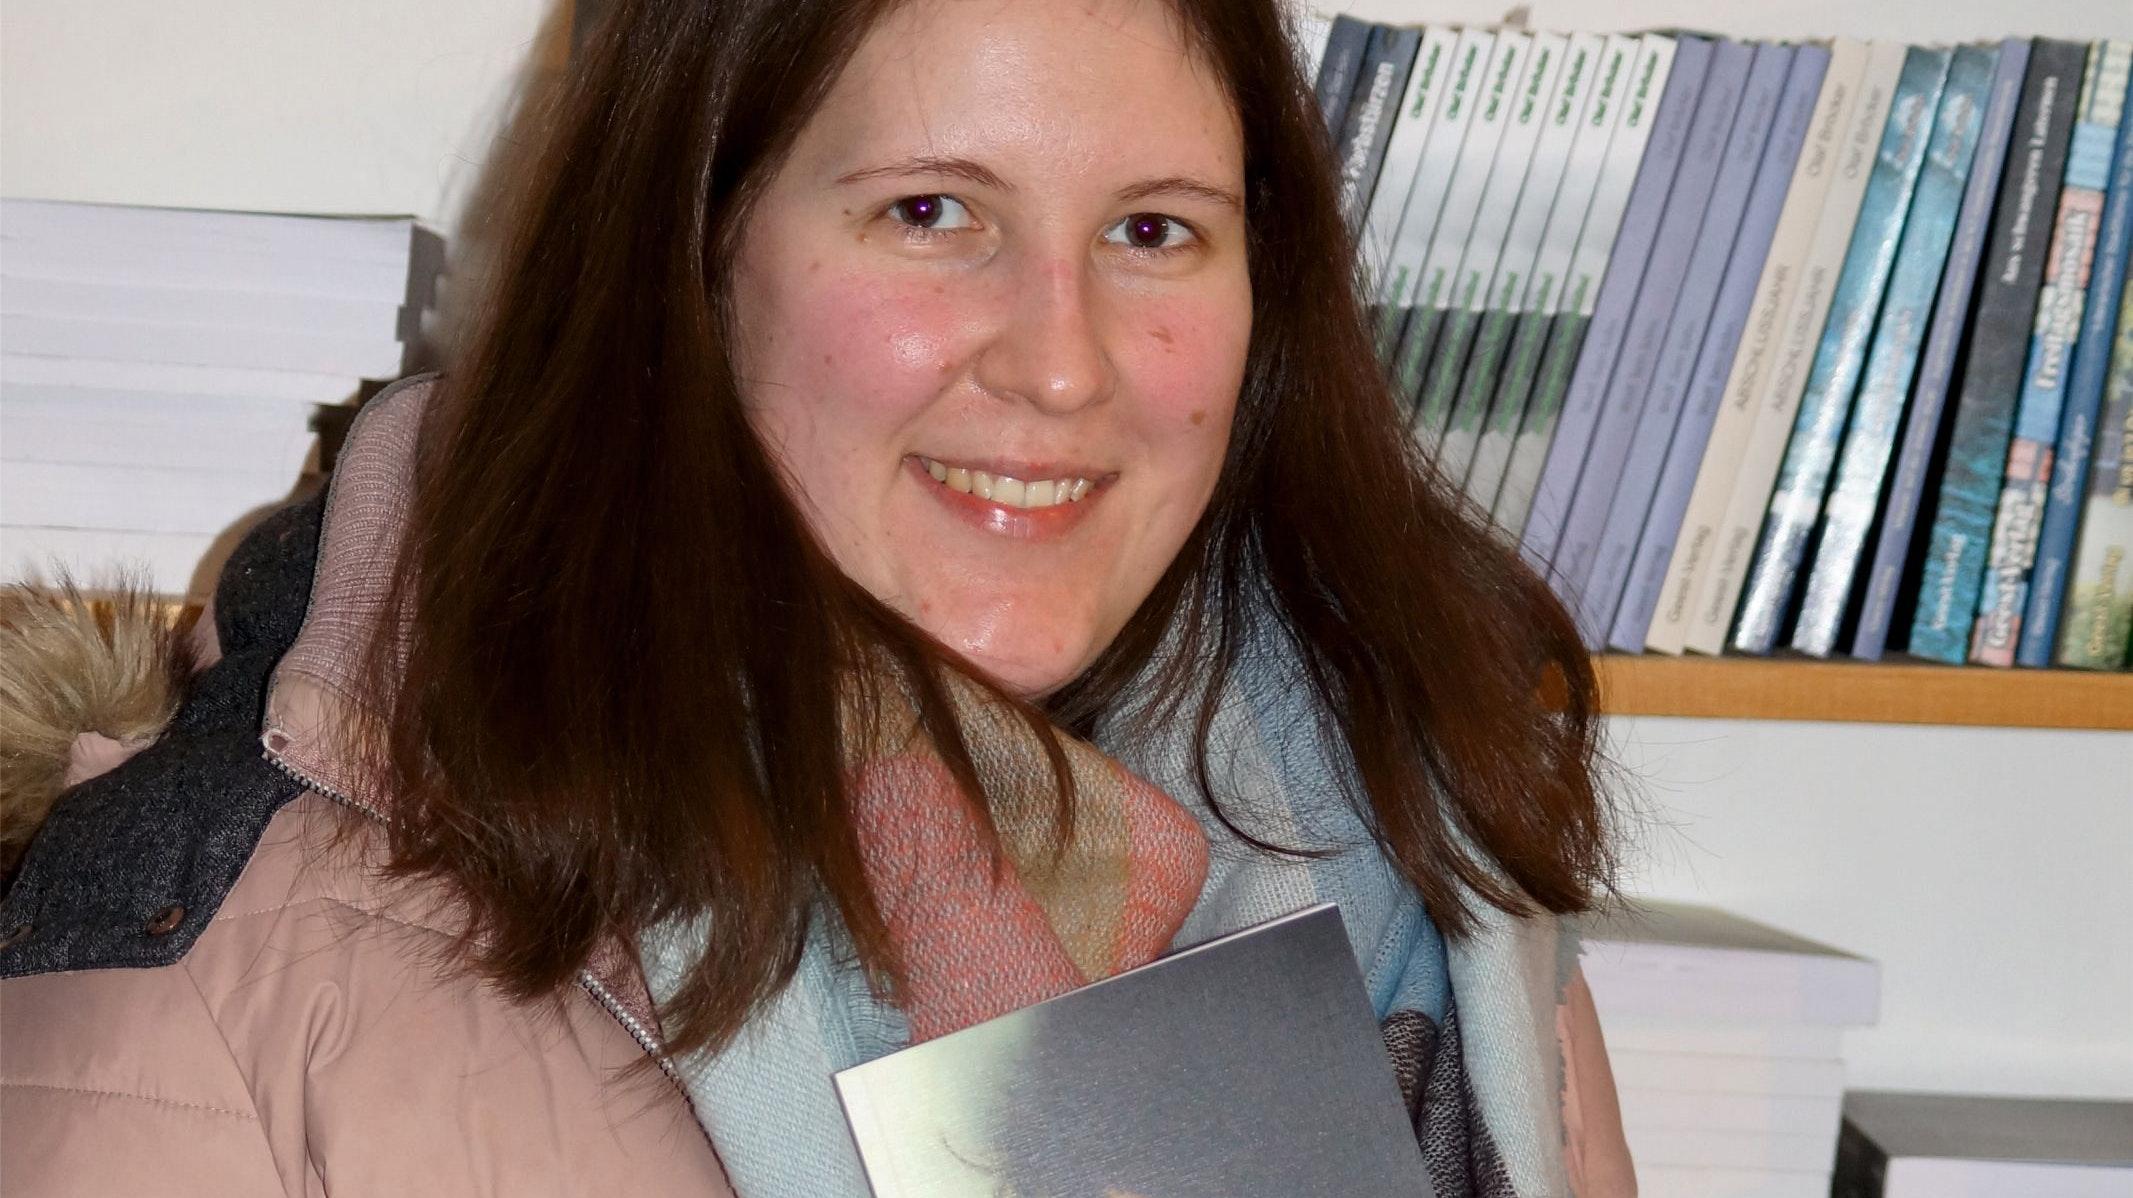 Das frisch gedruckte Werk in den Händen: Carina Göbel aus Visbek ist eine der 6 Autorinnen, die zu dem Gemeinschaftswerk zusammengefunden haben. Foto: Büngen